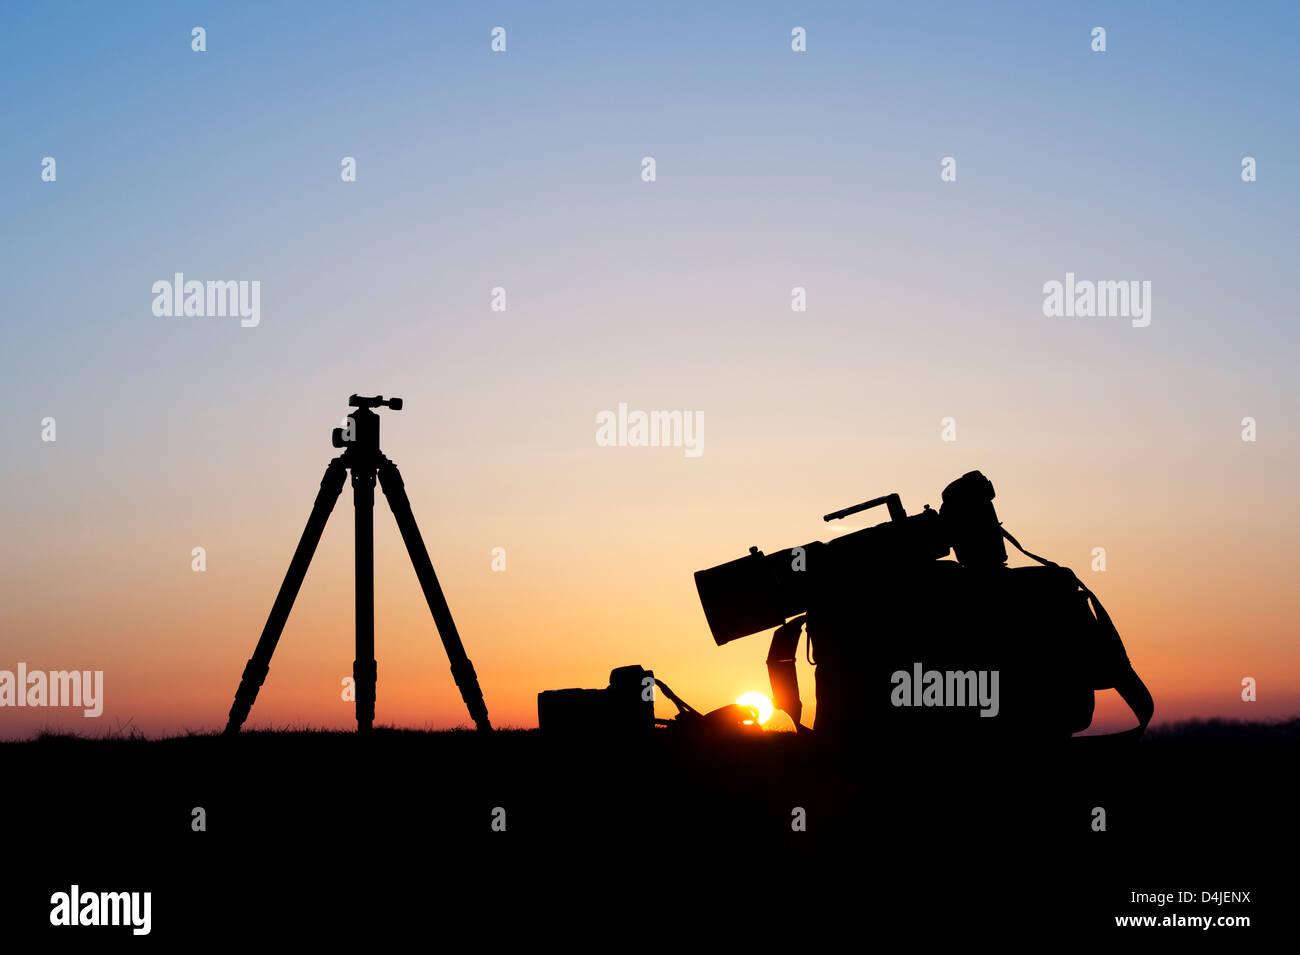 Attrezzatura fotografica a sunrise. Silhouette Immagini Stock